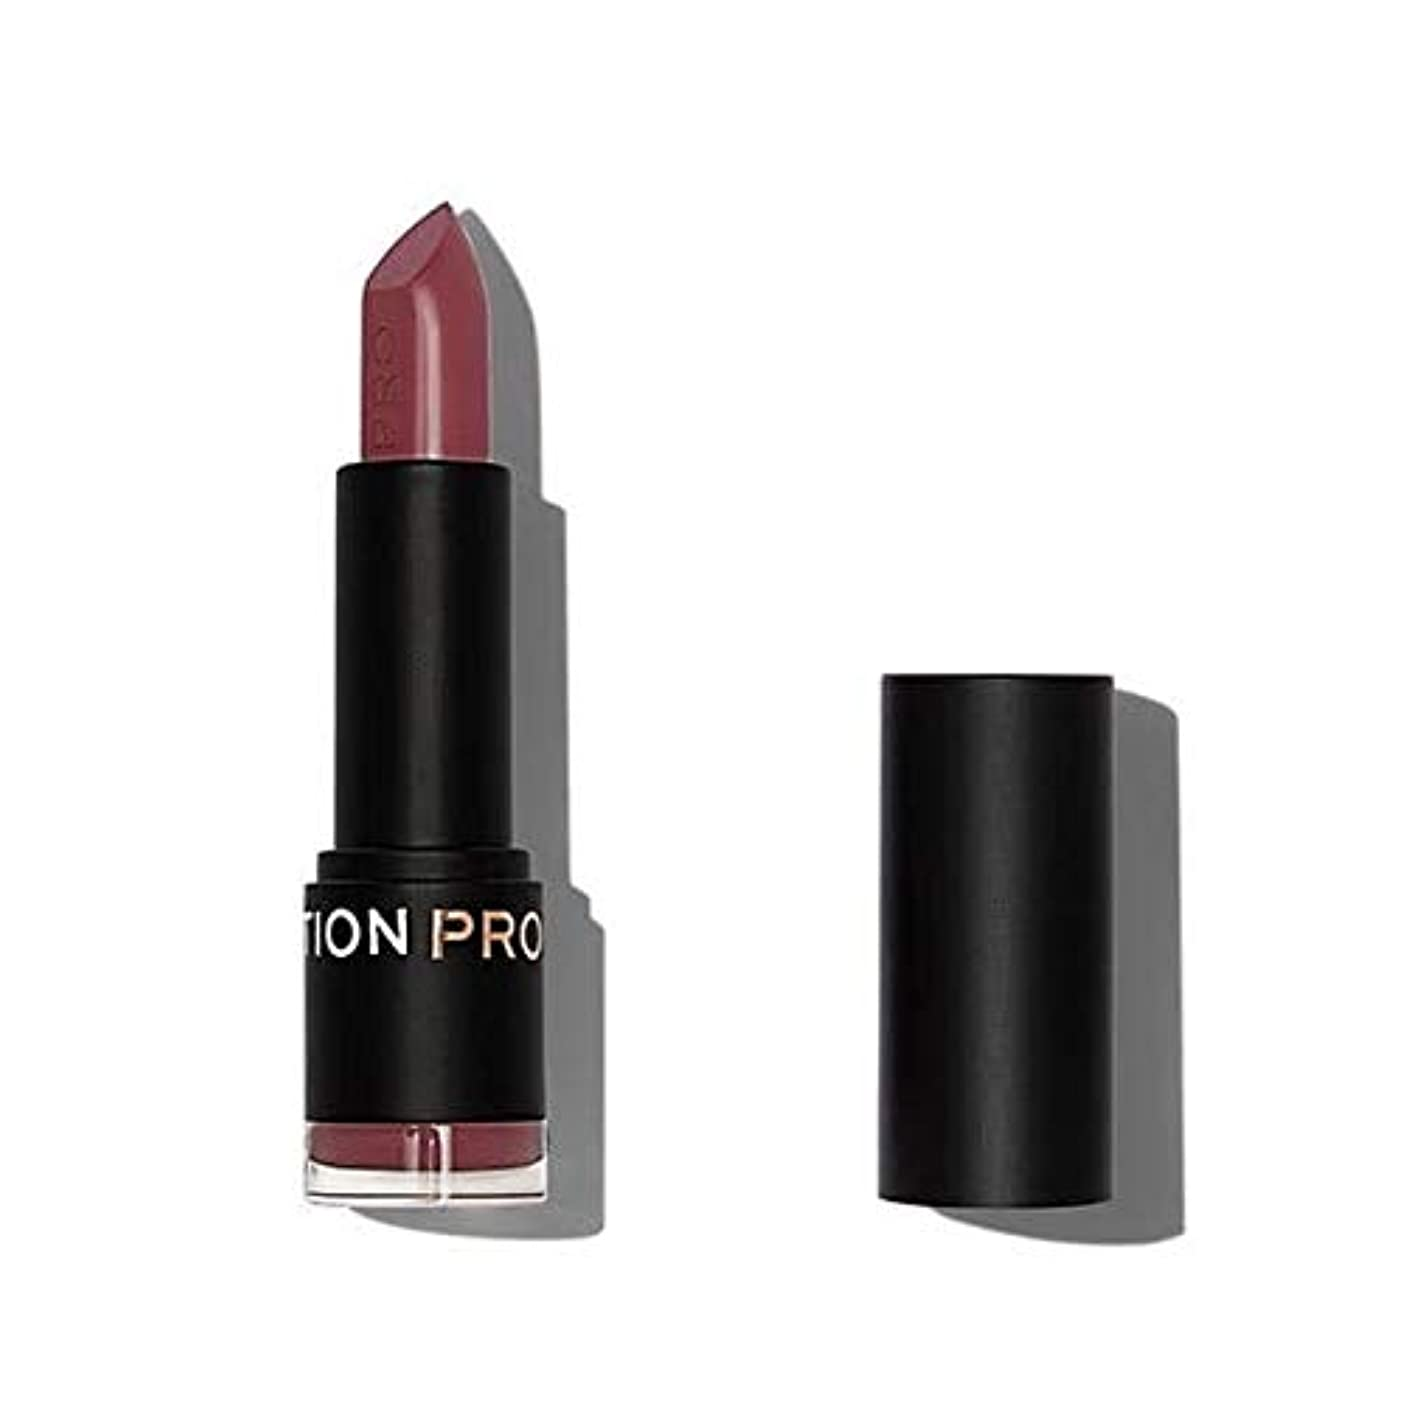 主張裏切り者ようこそ[Revolution ] 革命プロ最高の口紅Incite - Revolution Pro Supreme Lipstick Incite [並行輸入品]